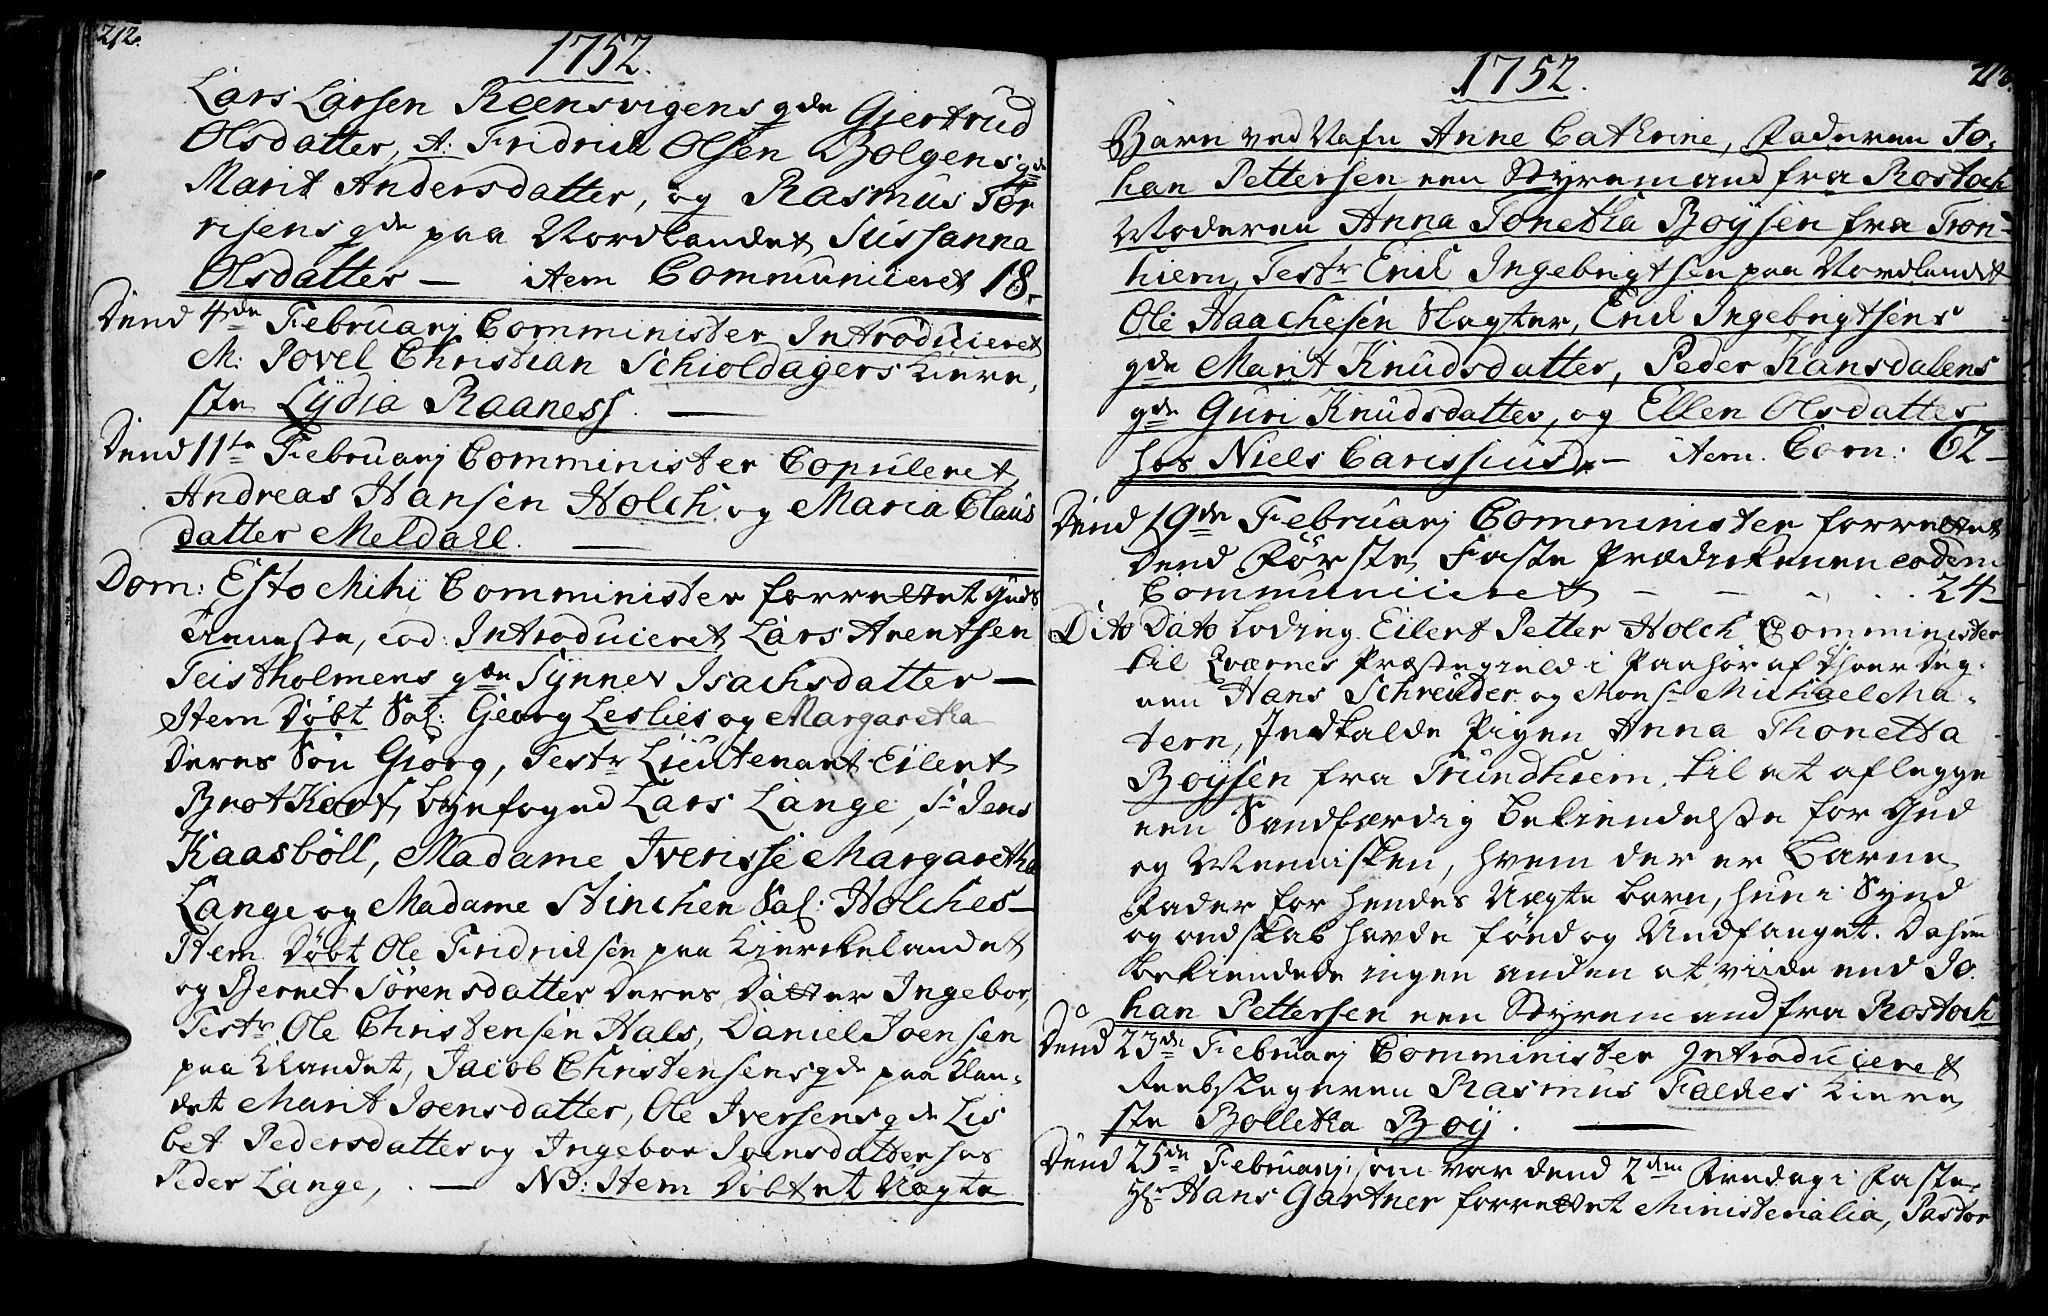 SAT, Ministerialprotokoller, klokkerbøker og fødselsregistre - Møre og Romsdal, 572/L0839: Ministerialbok nr. 572A02, 1739-1754, s. 212-213